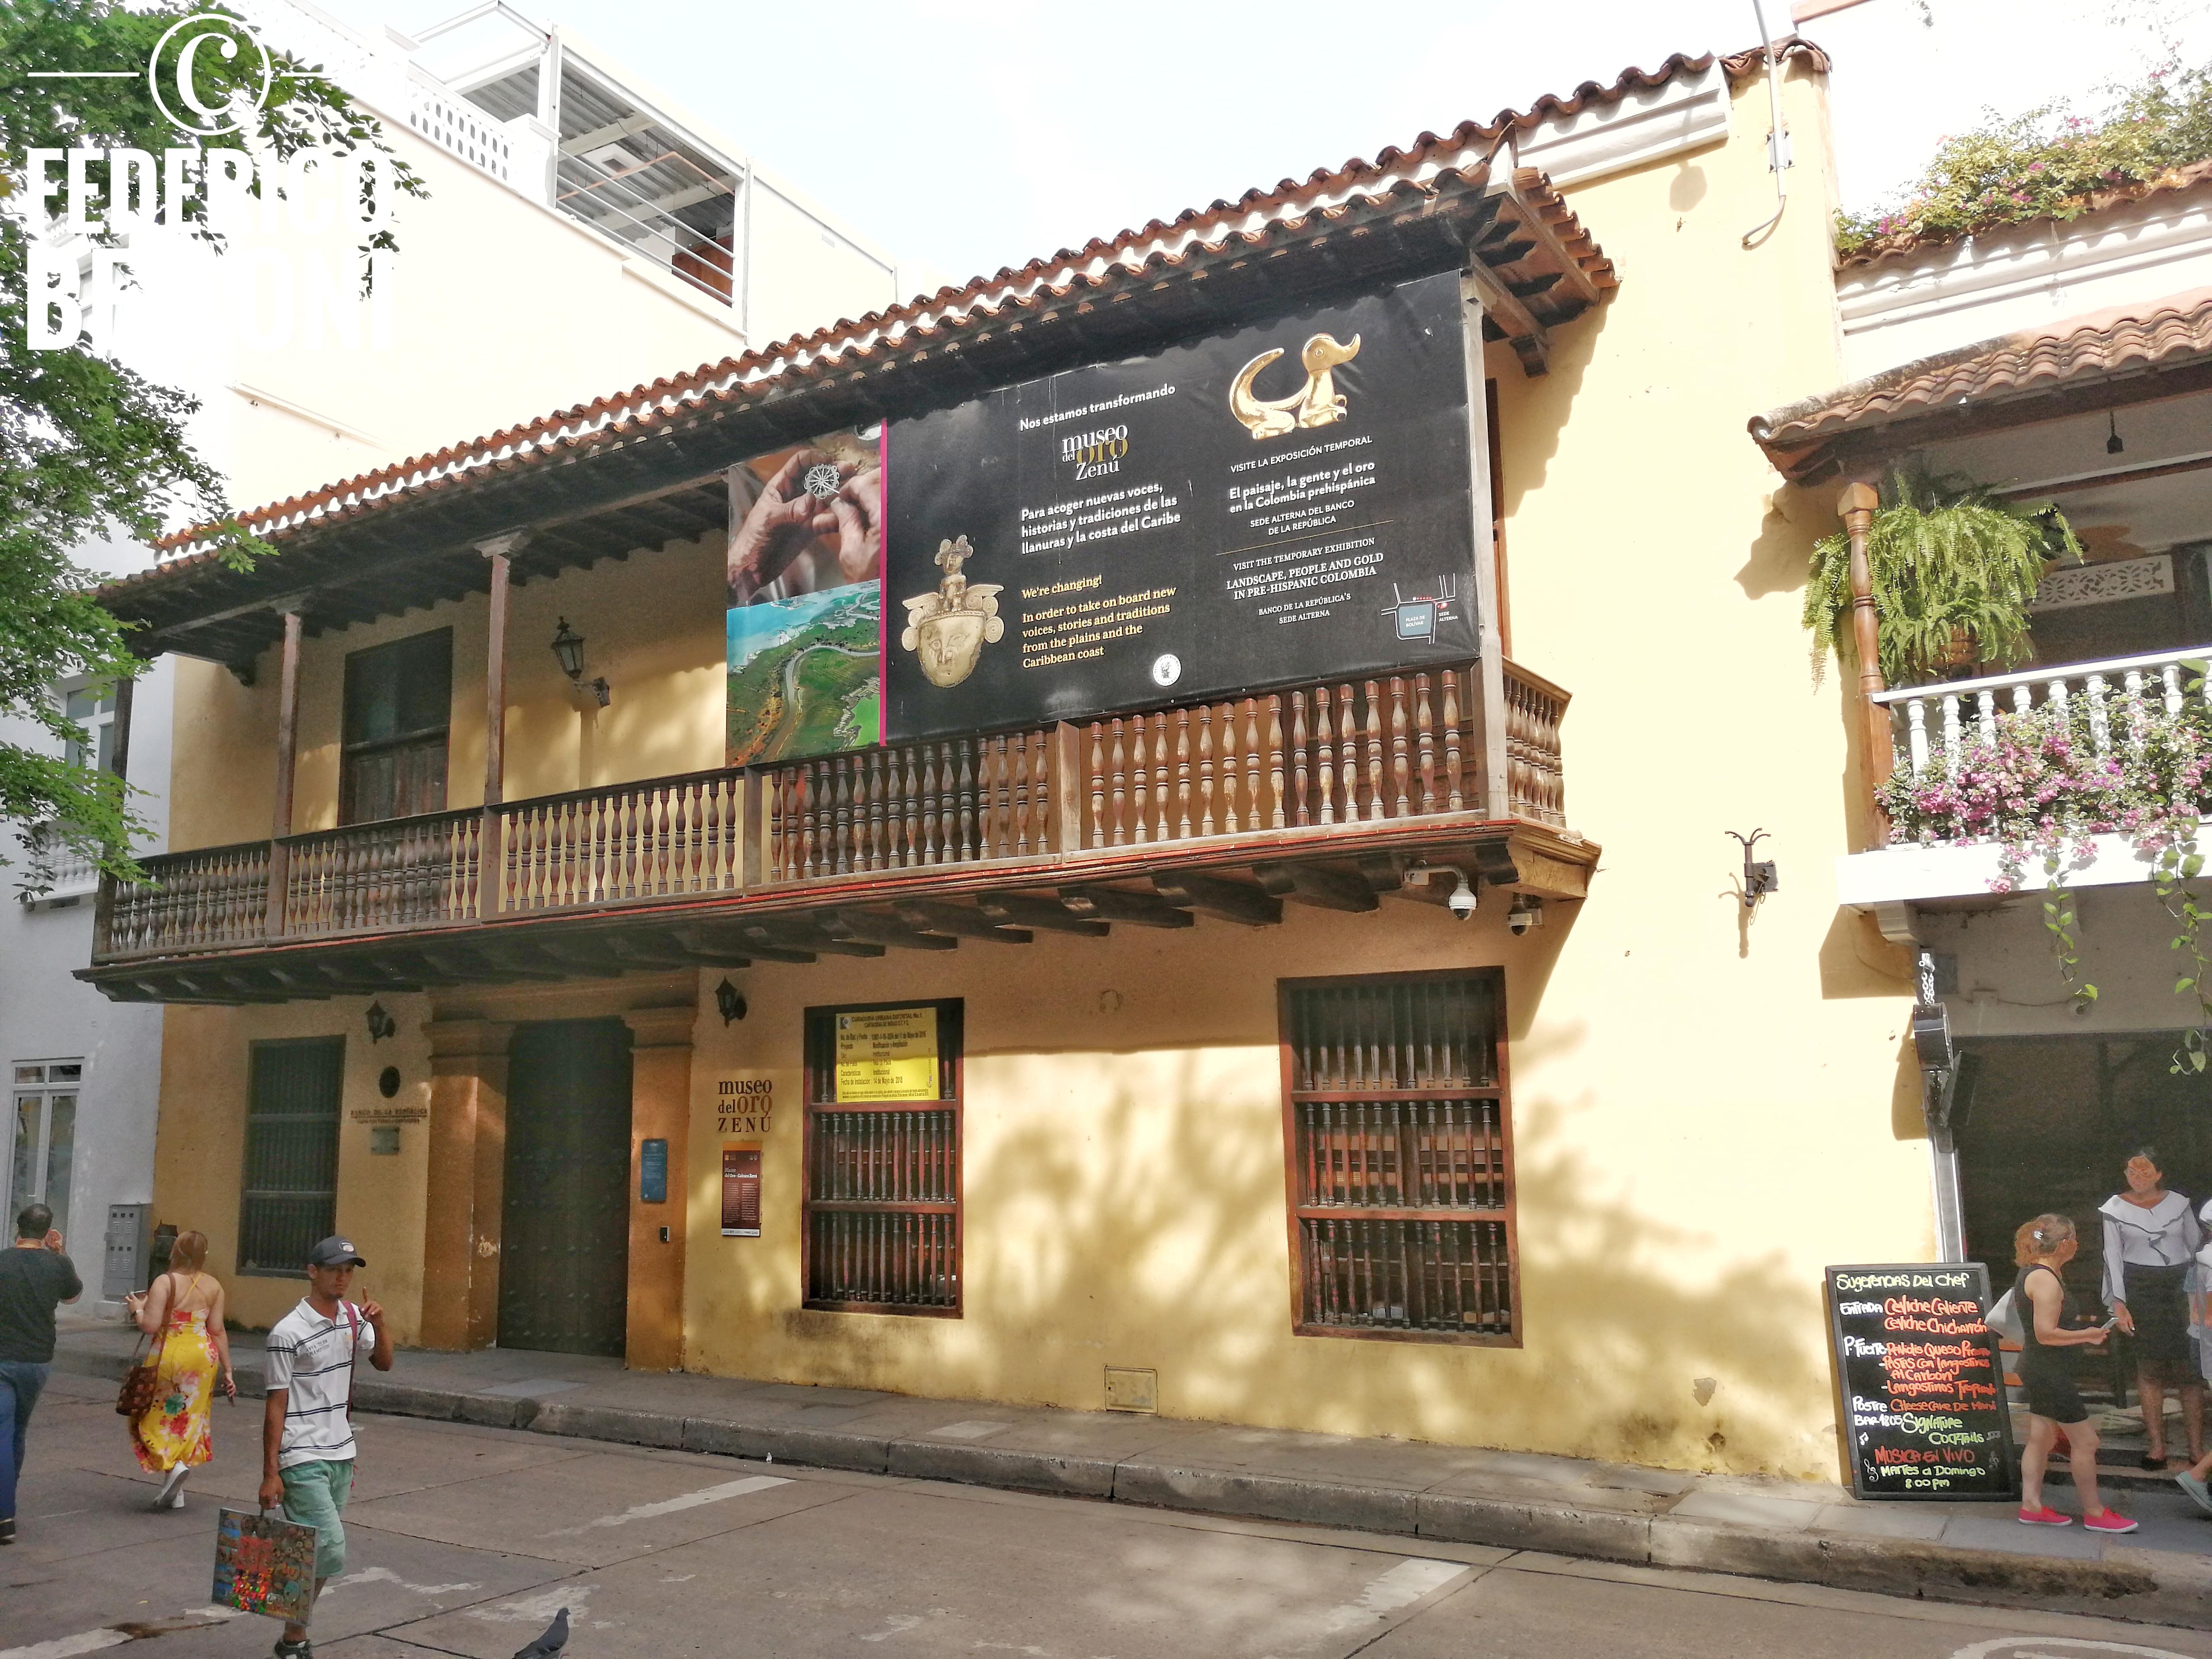 edificio che ospita il museo del oro di cartagena